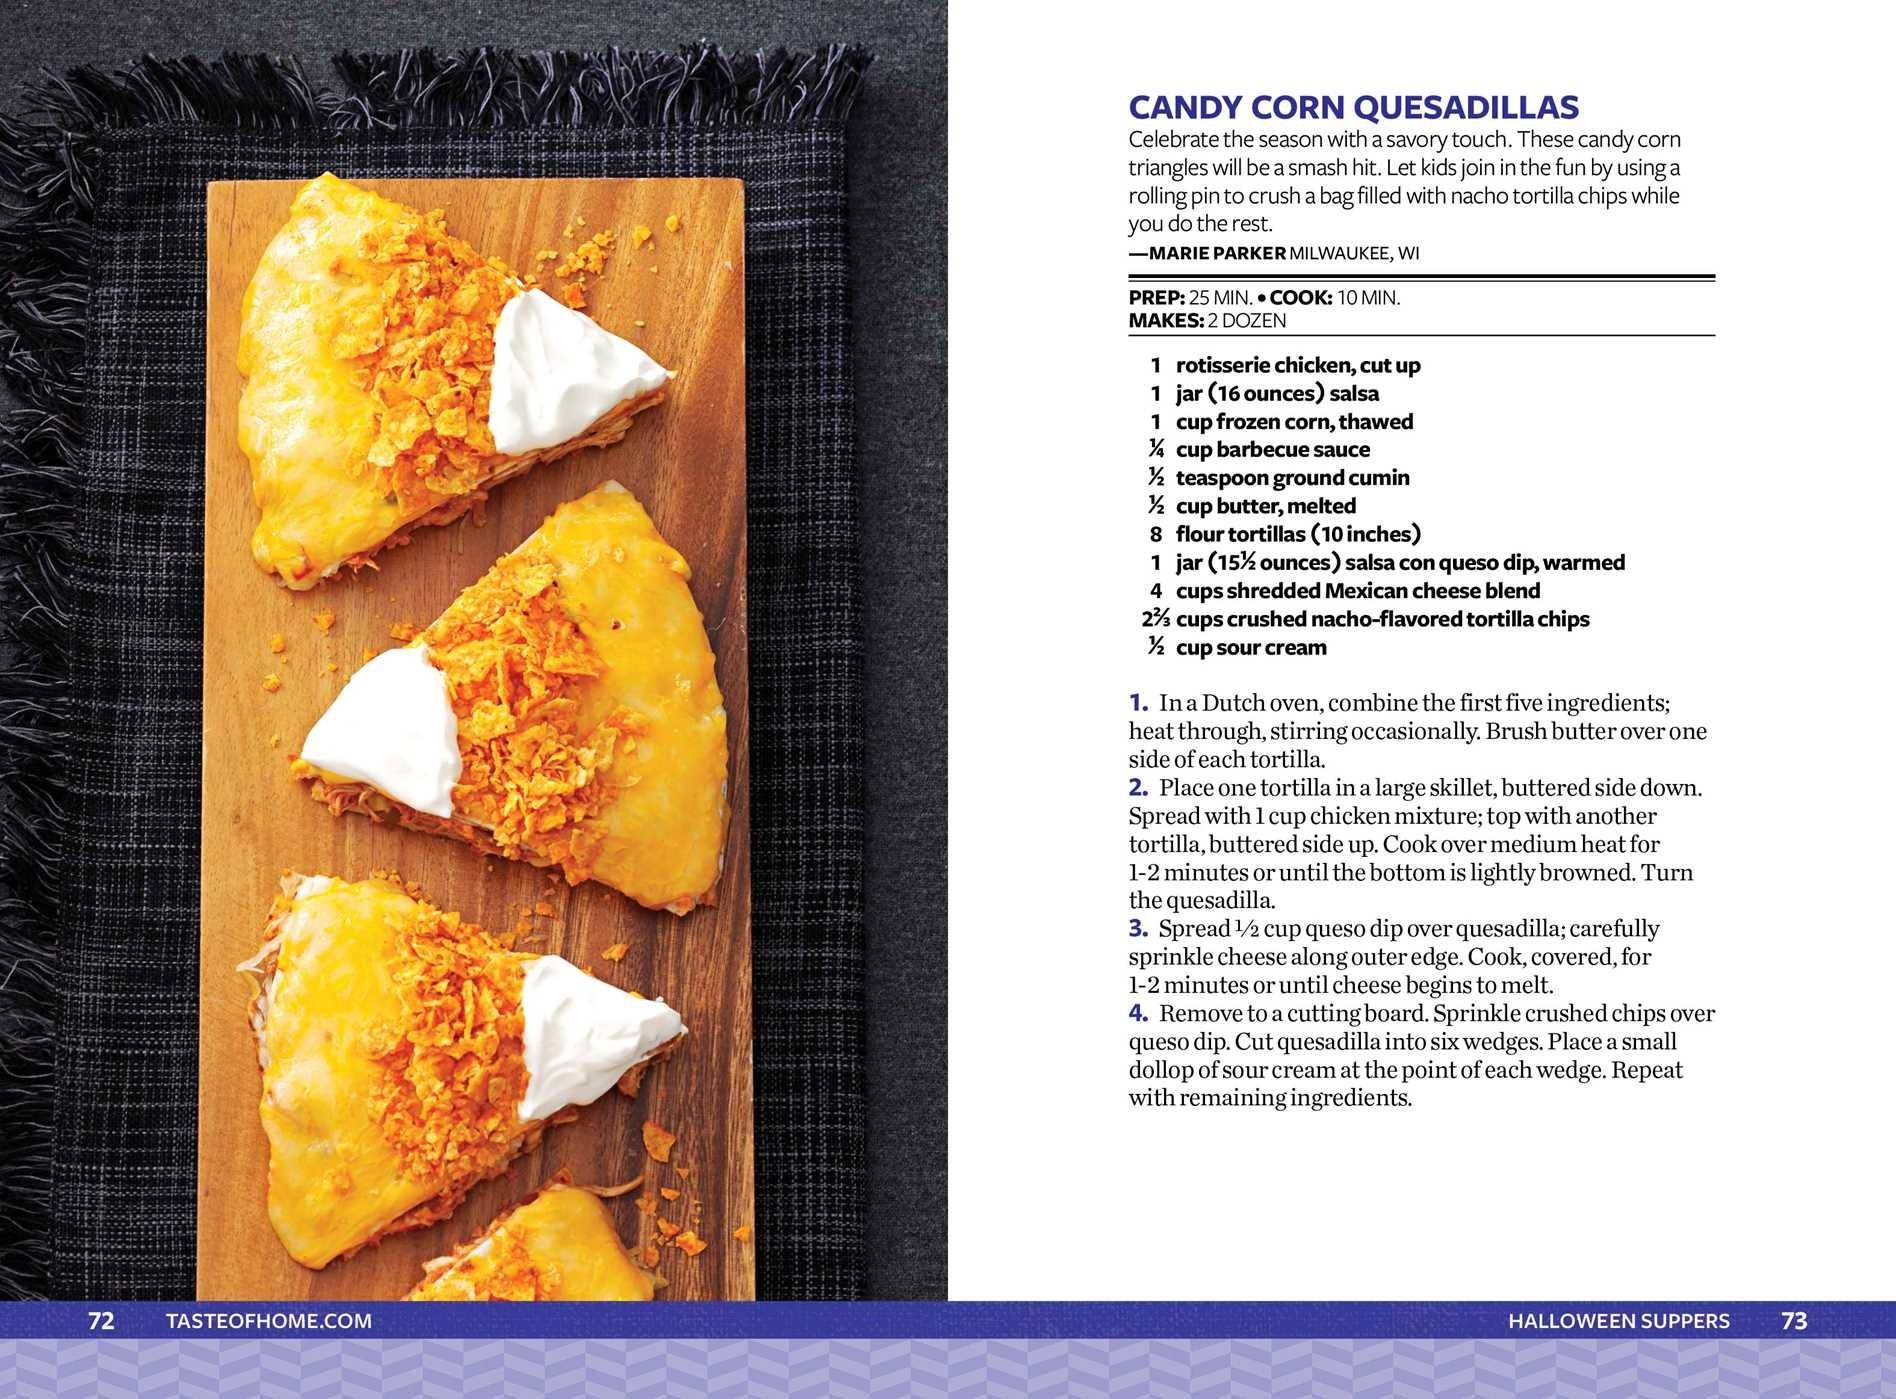 Taste of home halloween mini binder 9781617657689.in08